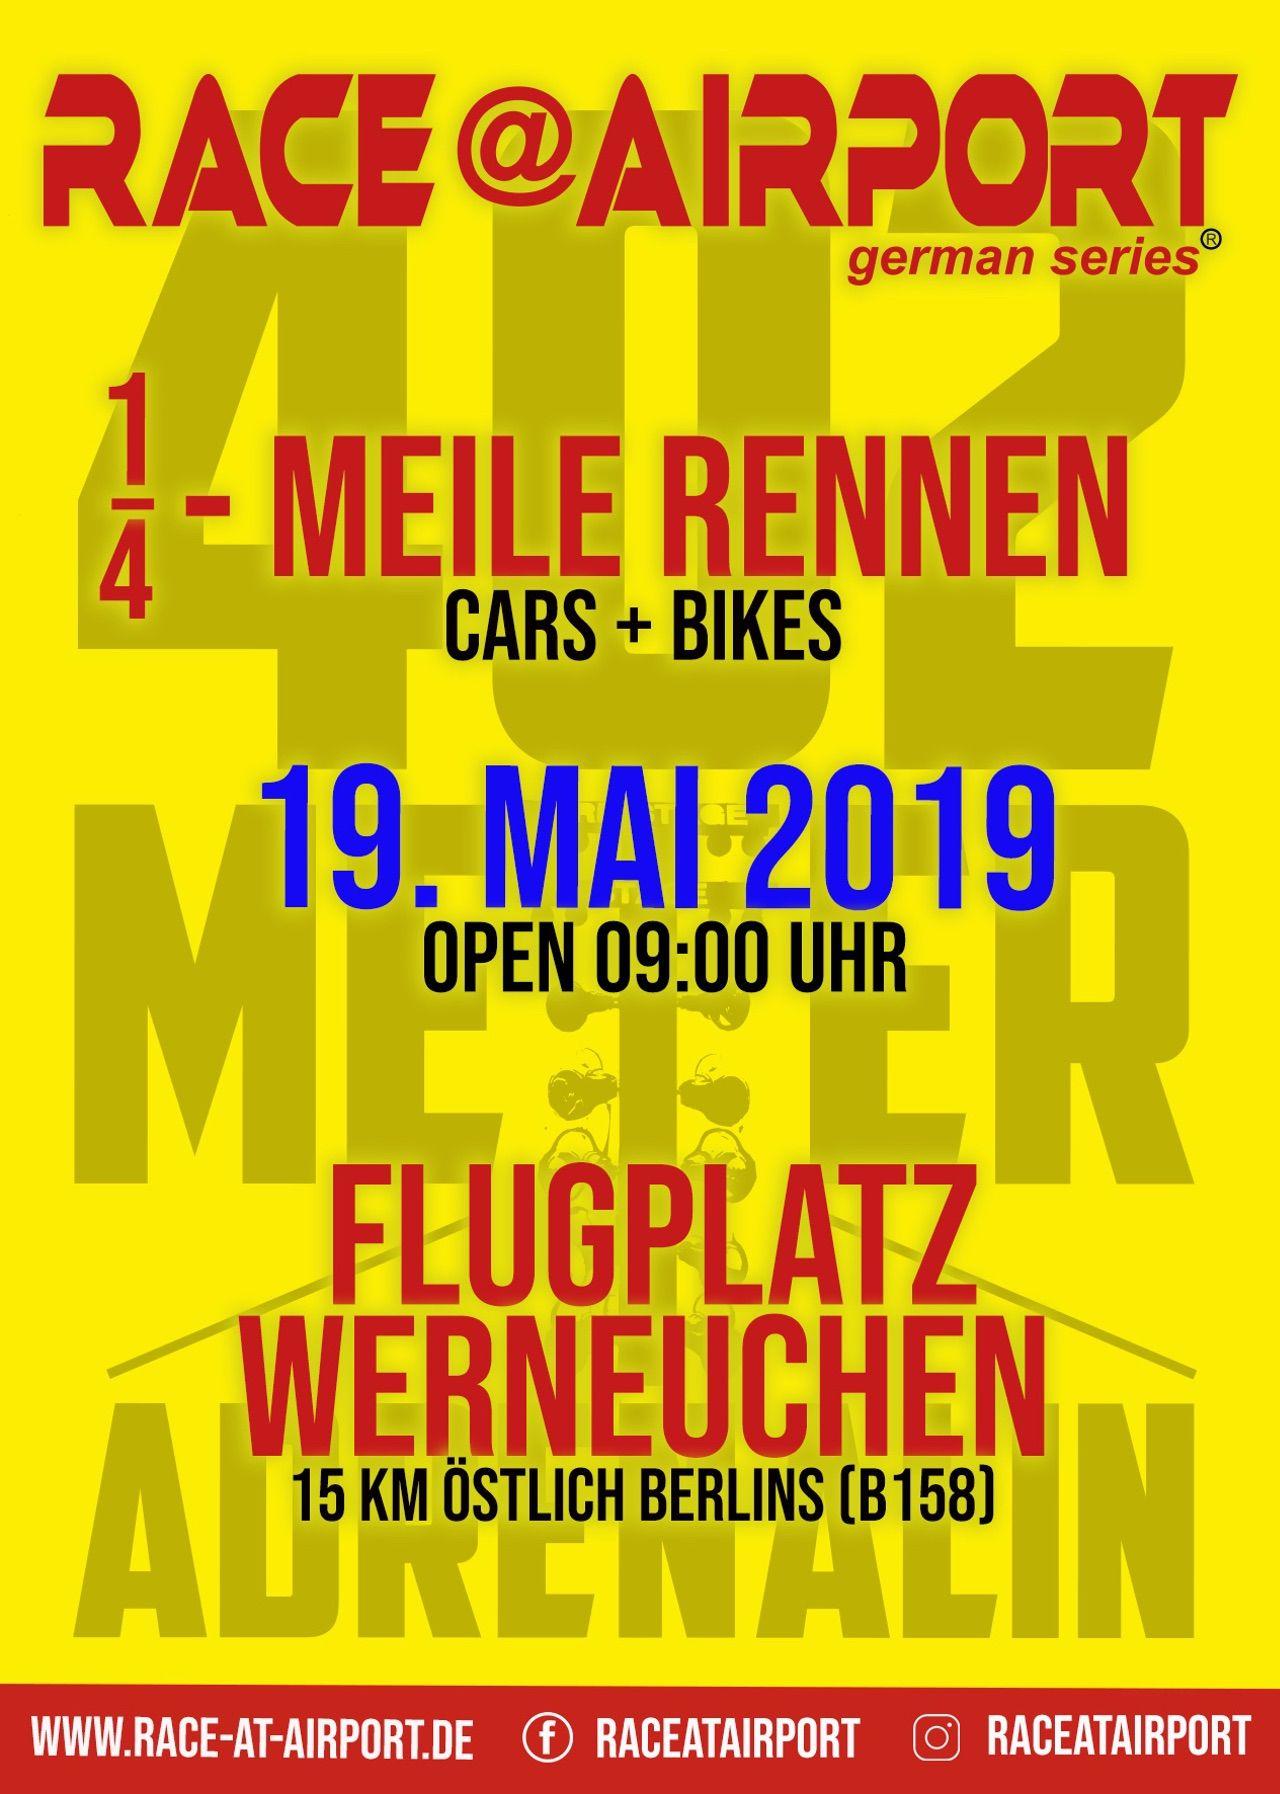 Race @ Airport Werneuchen am 19. Mai - Wir haben Freikarten für Euch!